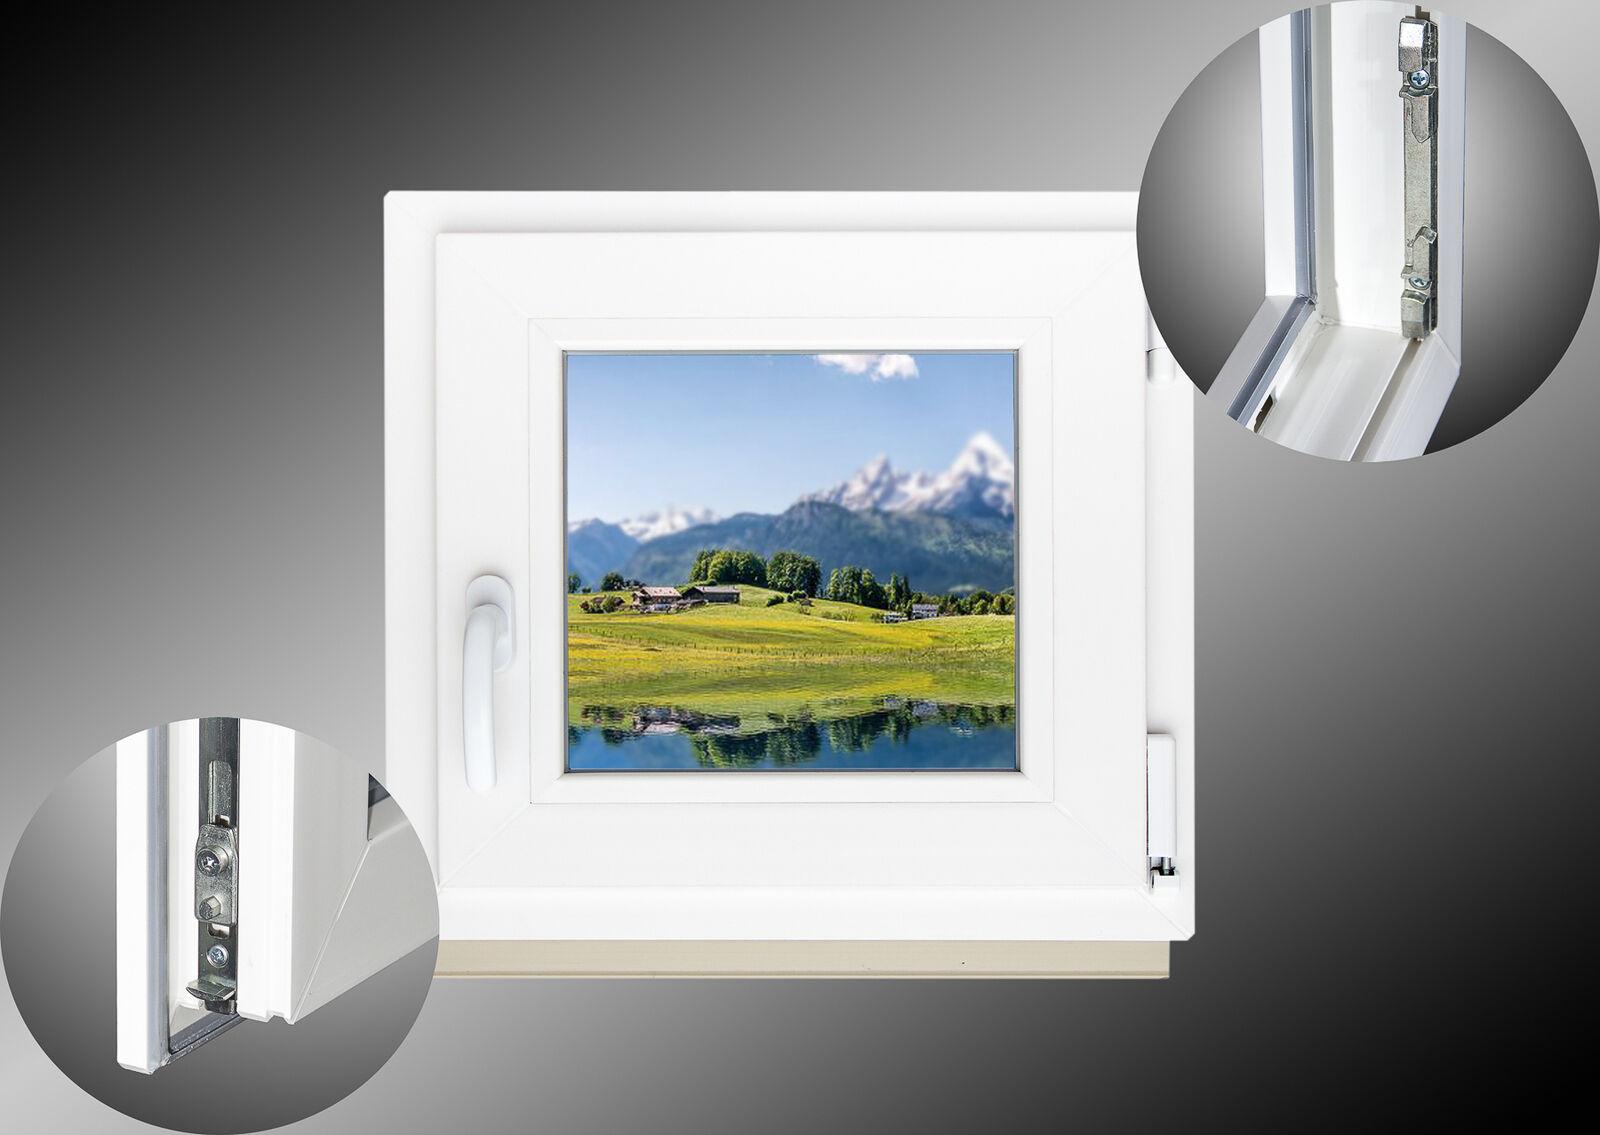 Kellerfenster-Kunststoff-Fenster-Dreh-Kipp-2-Fach-Verglasung-SOFORTLIEFERBAR Indexbild 17